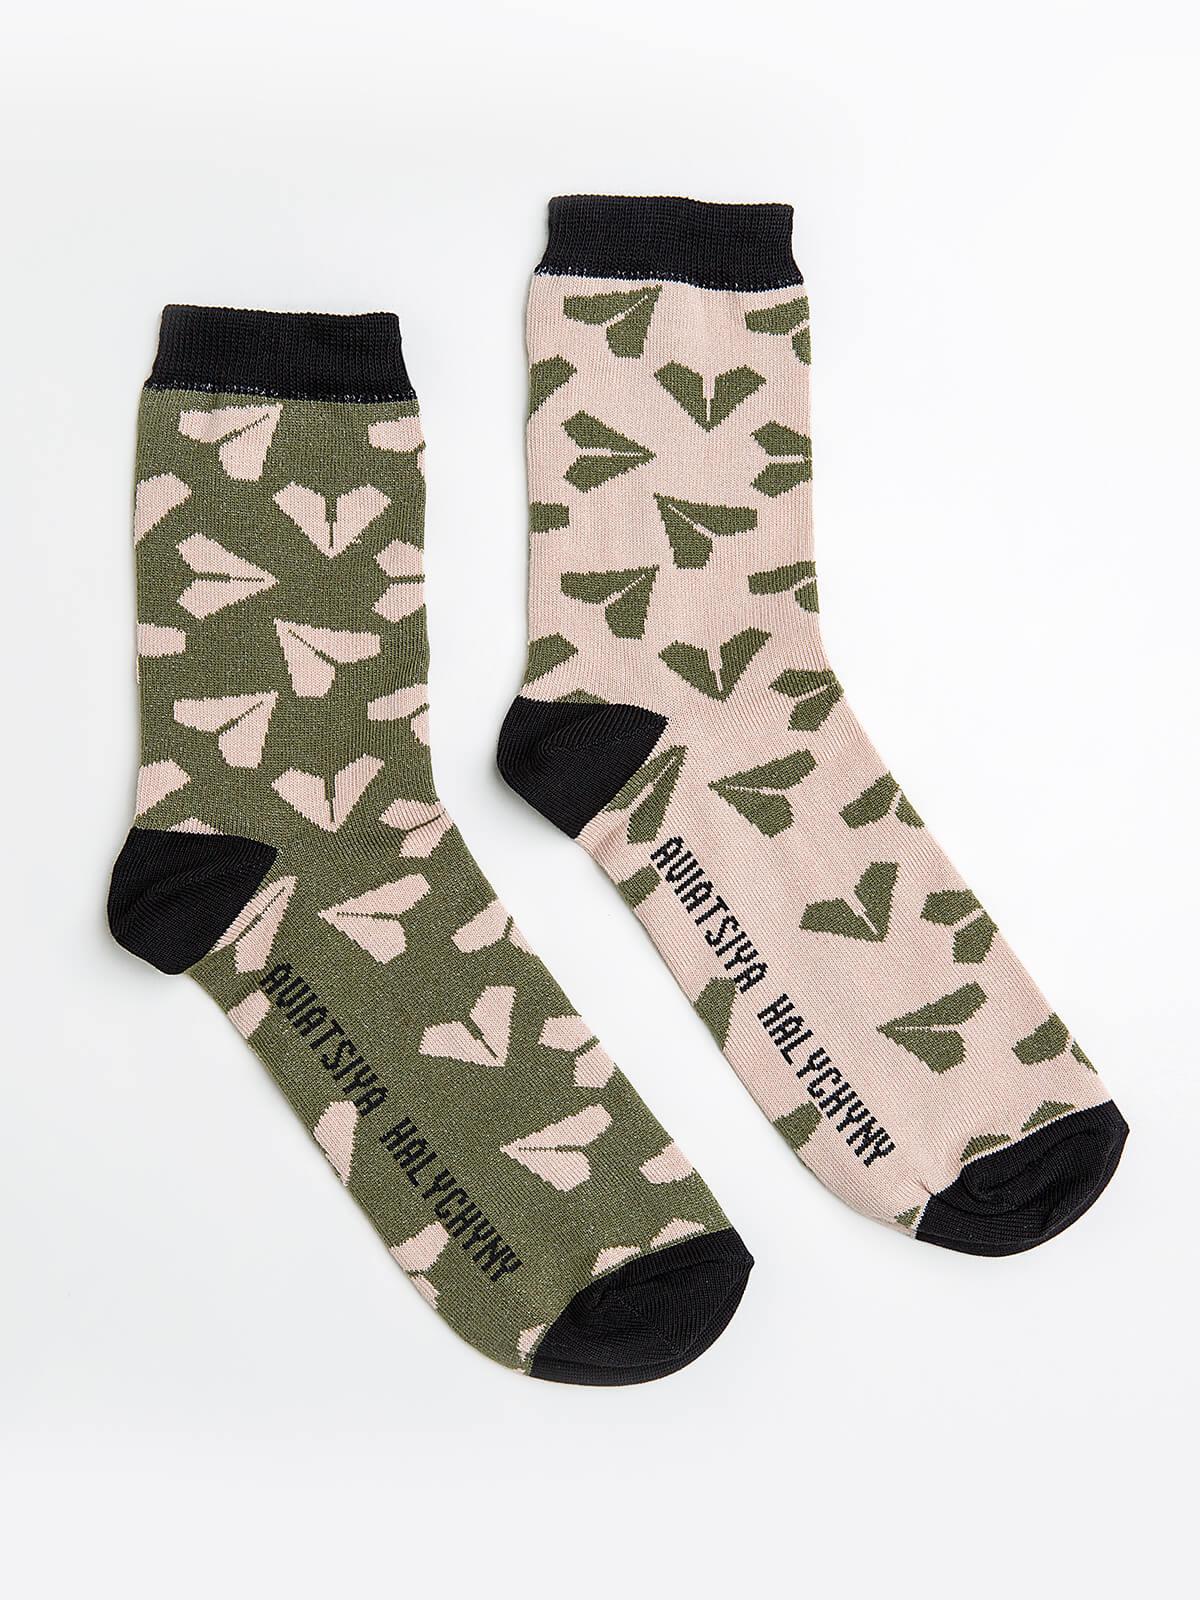 Шкарпетки Летючі Козаки. Колір темно-зелений. Матеріал: 95% бавовна, 5% еластан Шкарпетки різного кольору Товар обміну та поверненню не підлягає згідно закону.